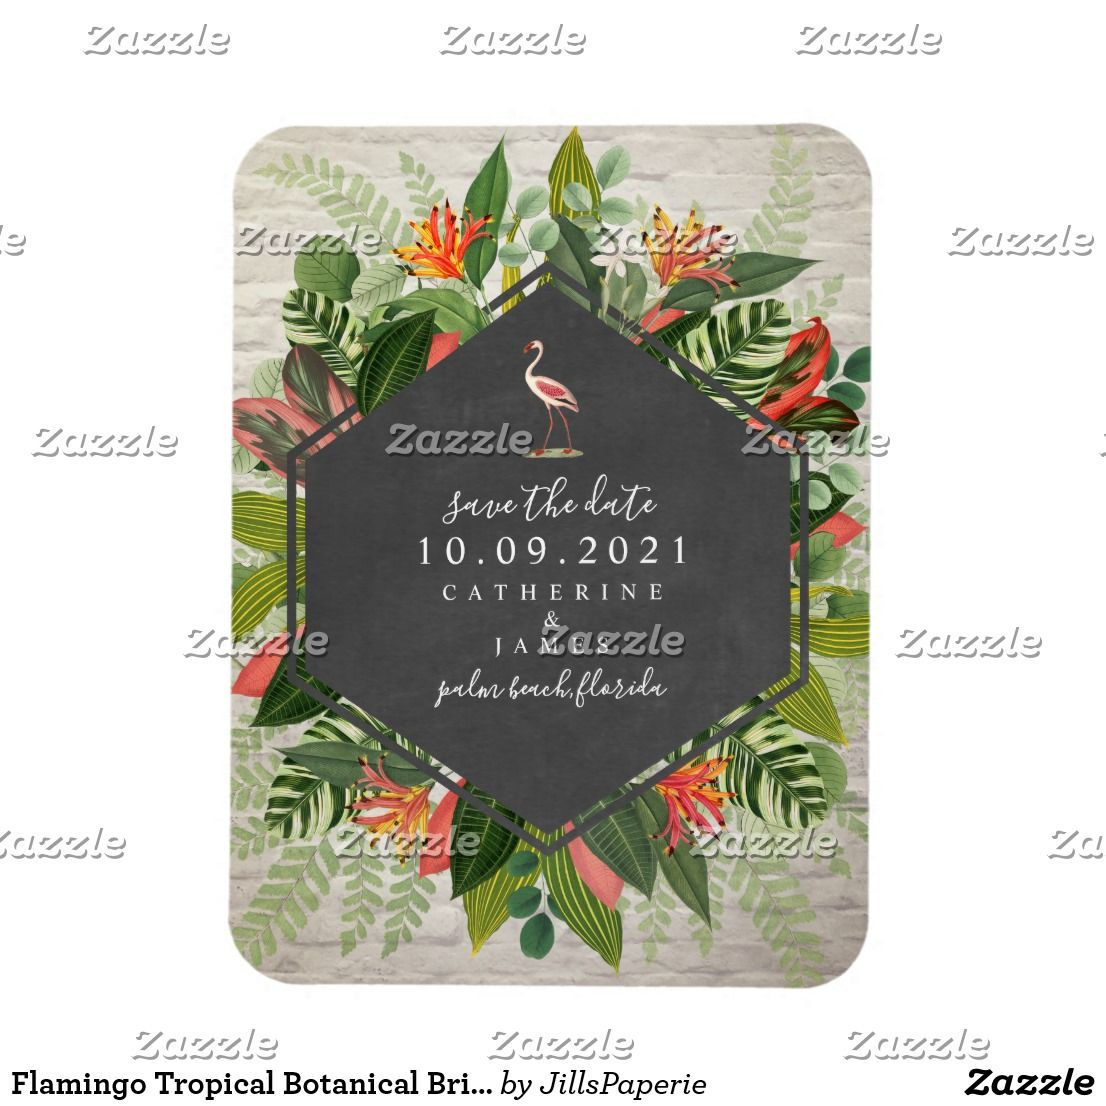 Flamingo Tropical Botanical Brick Wedding Zazzle